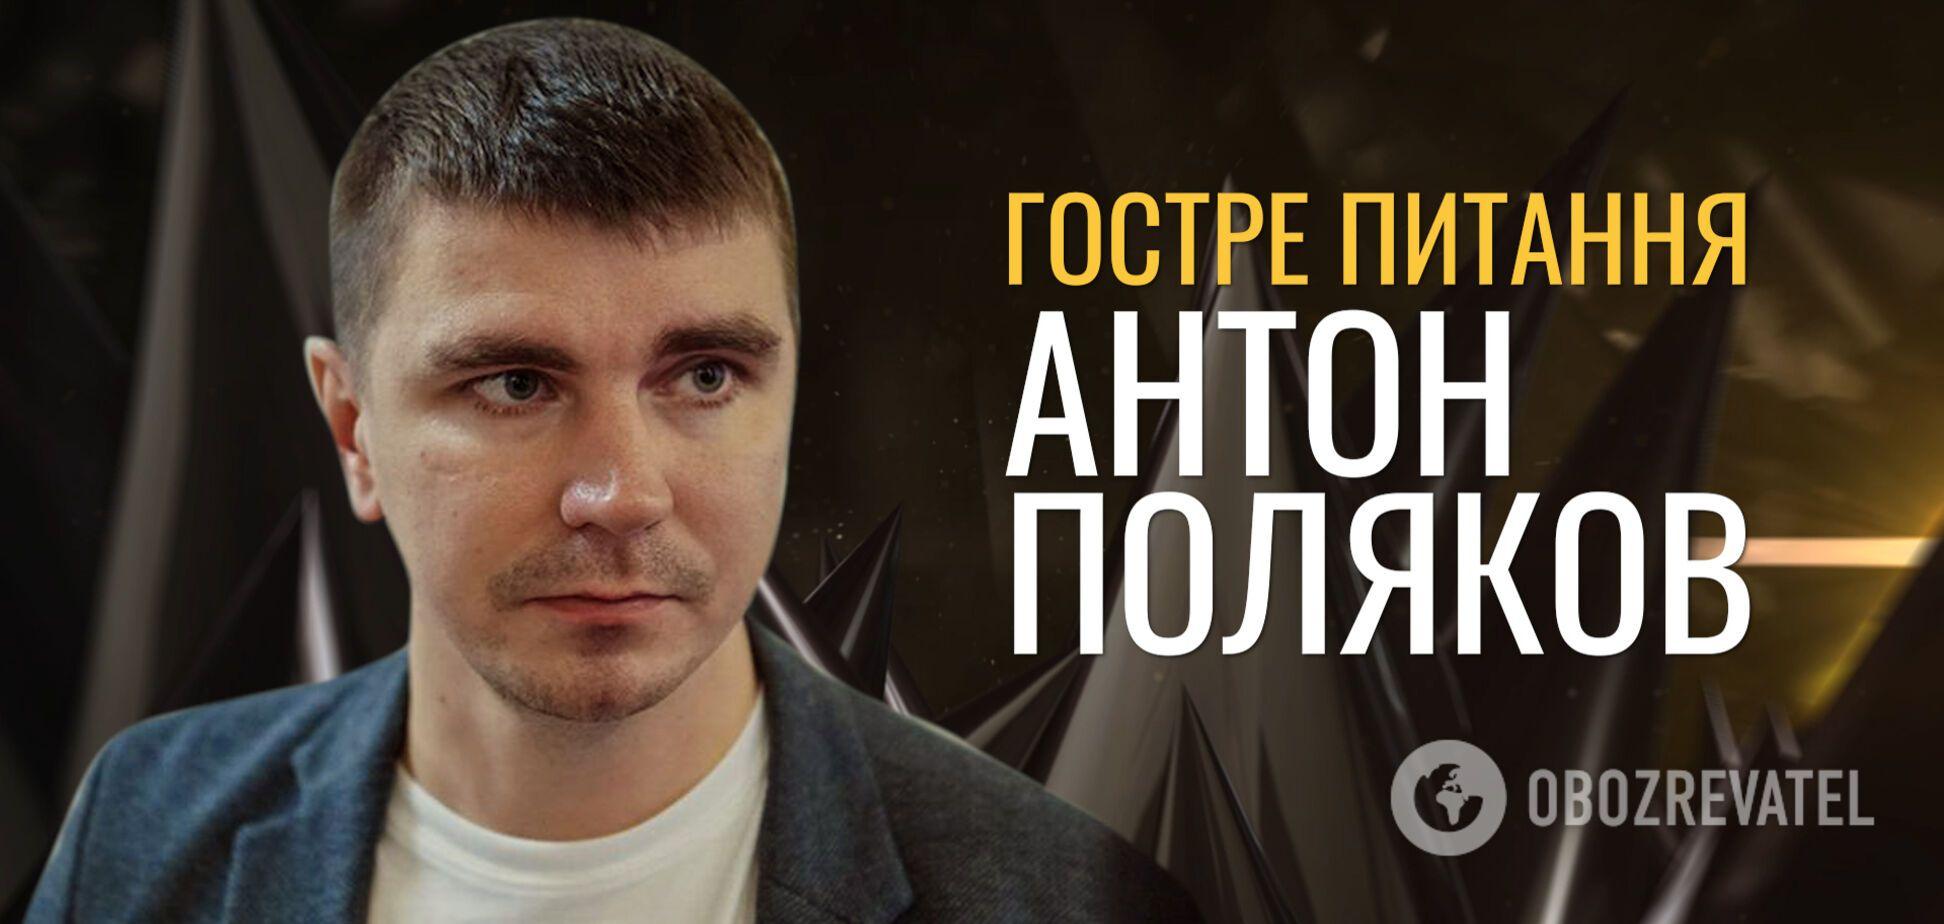 Антон Поляков | Гостре питання